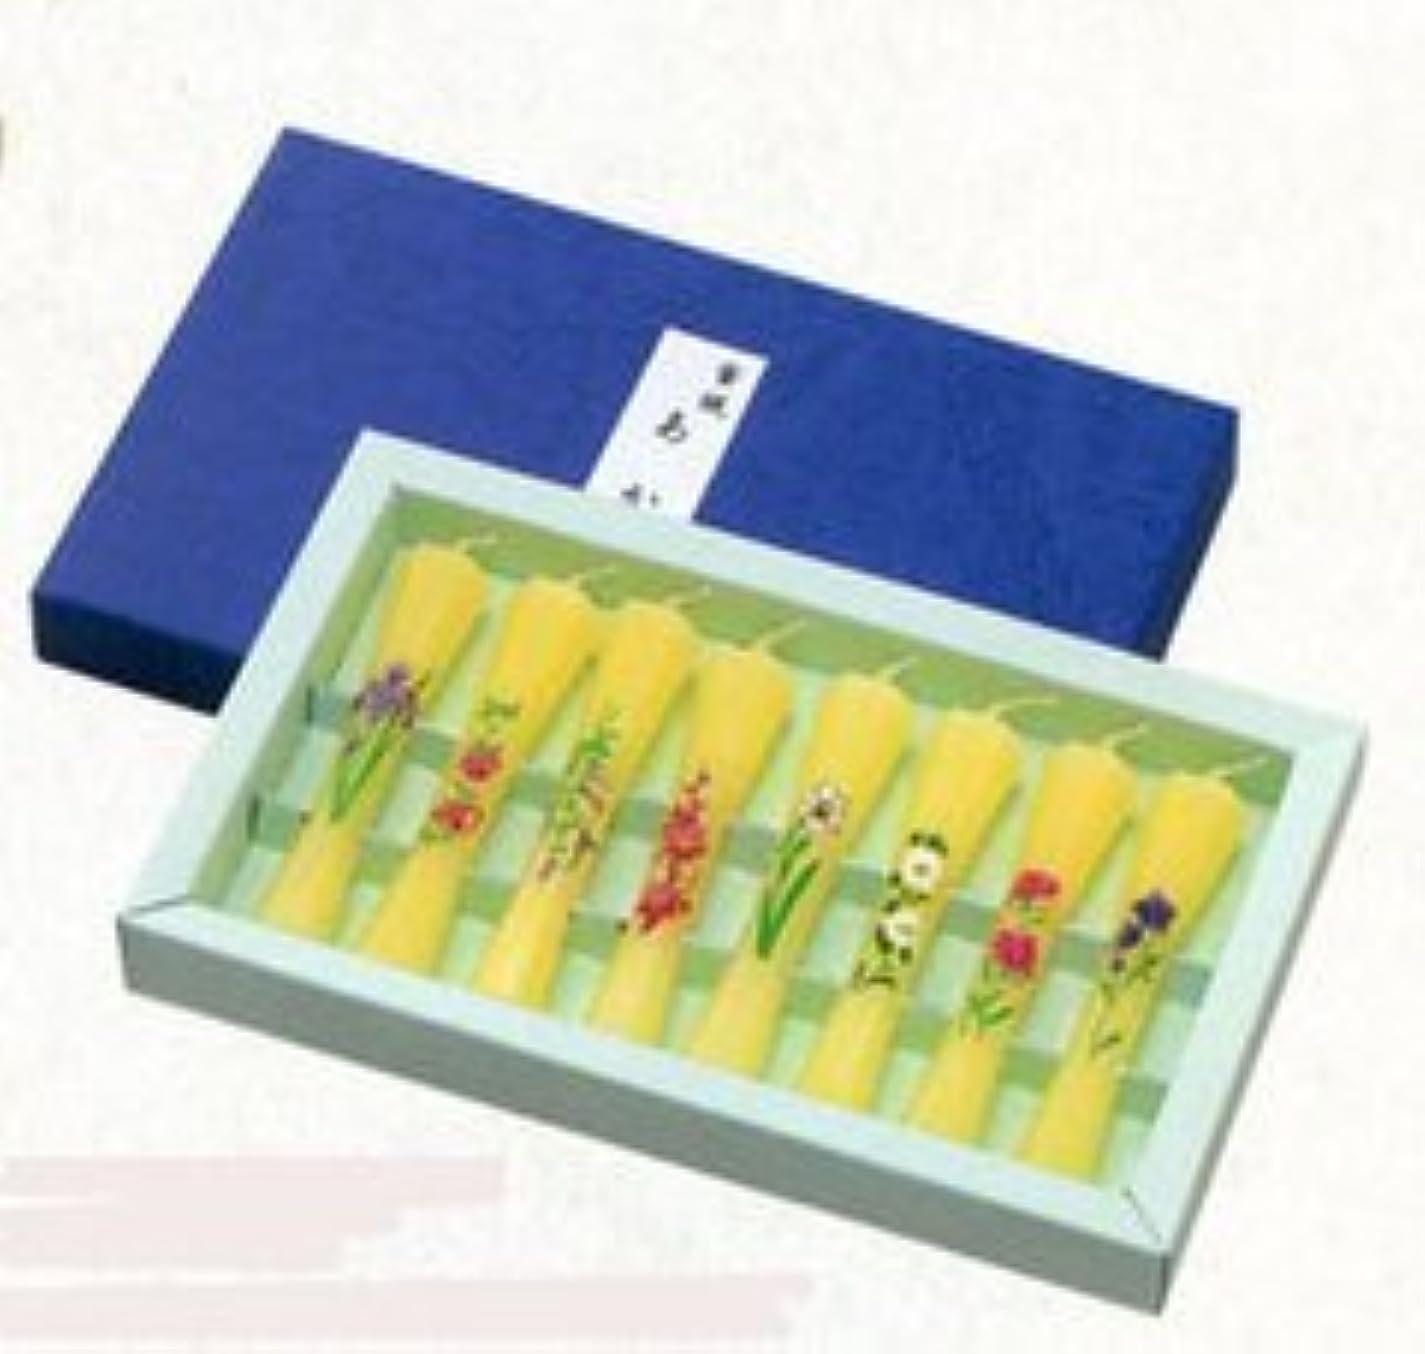 自動車キルス傾いた鮮やかな花の絵ローソク8本 蜜蝋(みつろー) 茜 絵ローソク